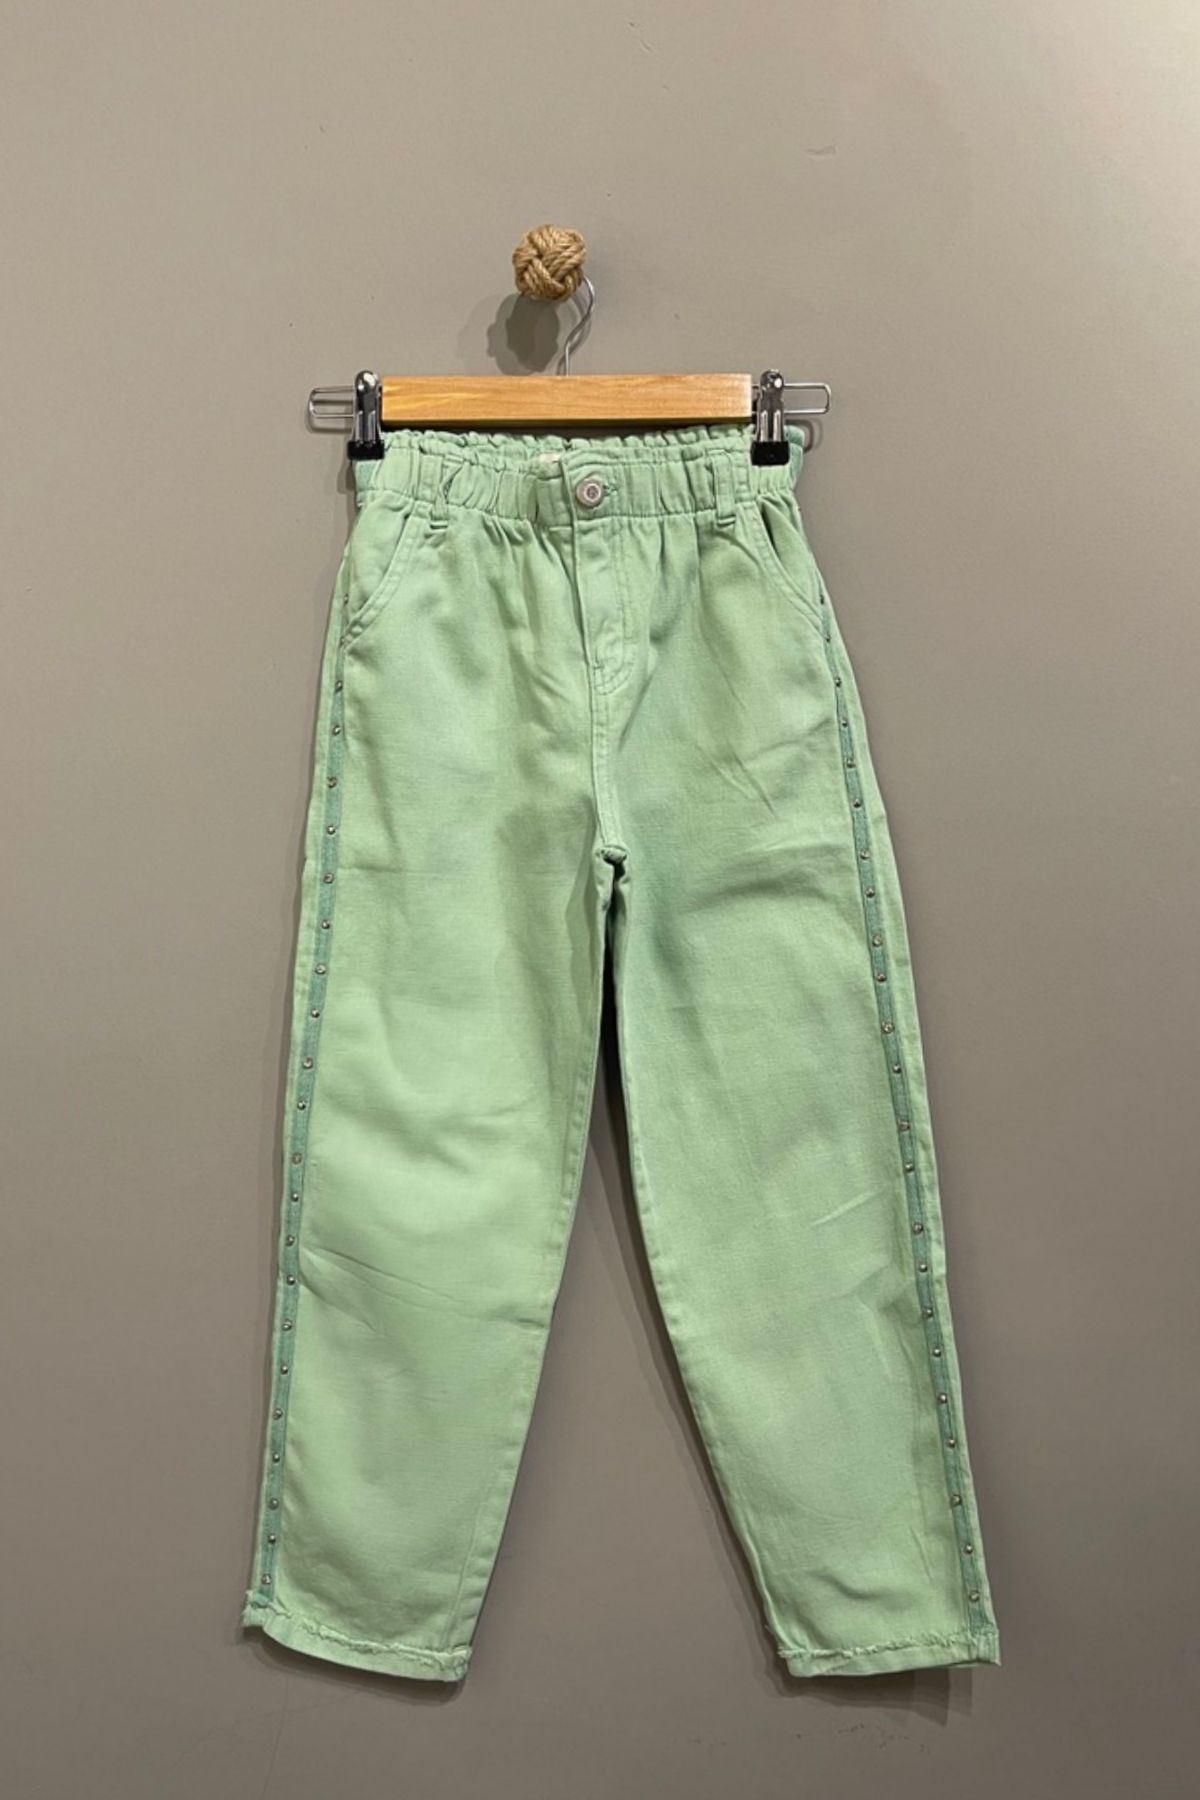 Taş Detaylı Belden Lastikli Kız Çocuk Pantolon